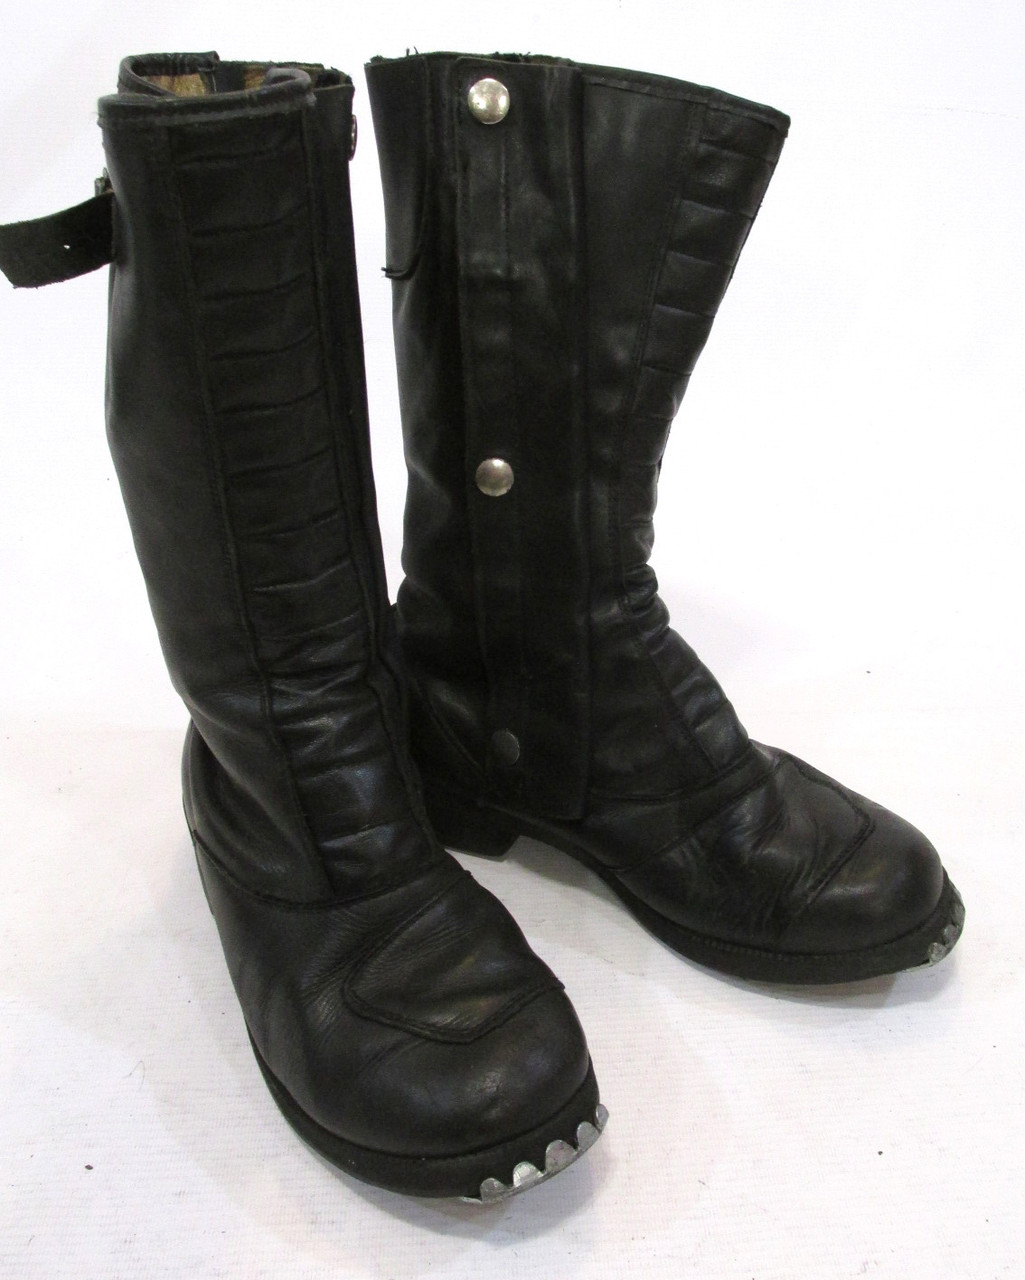 Сапожки кожаные Continental, мотоботы, 26 см, 40, Отл сост!